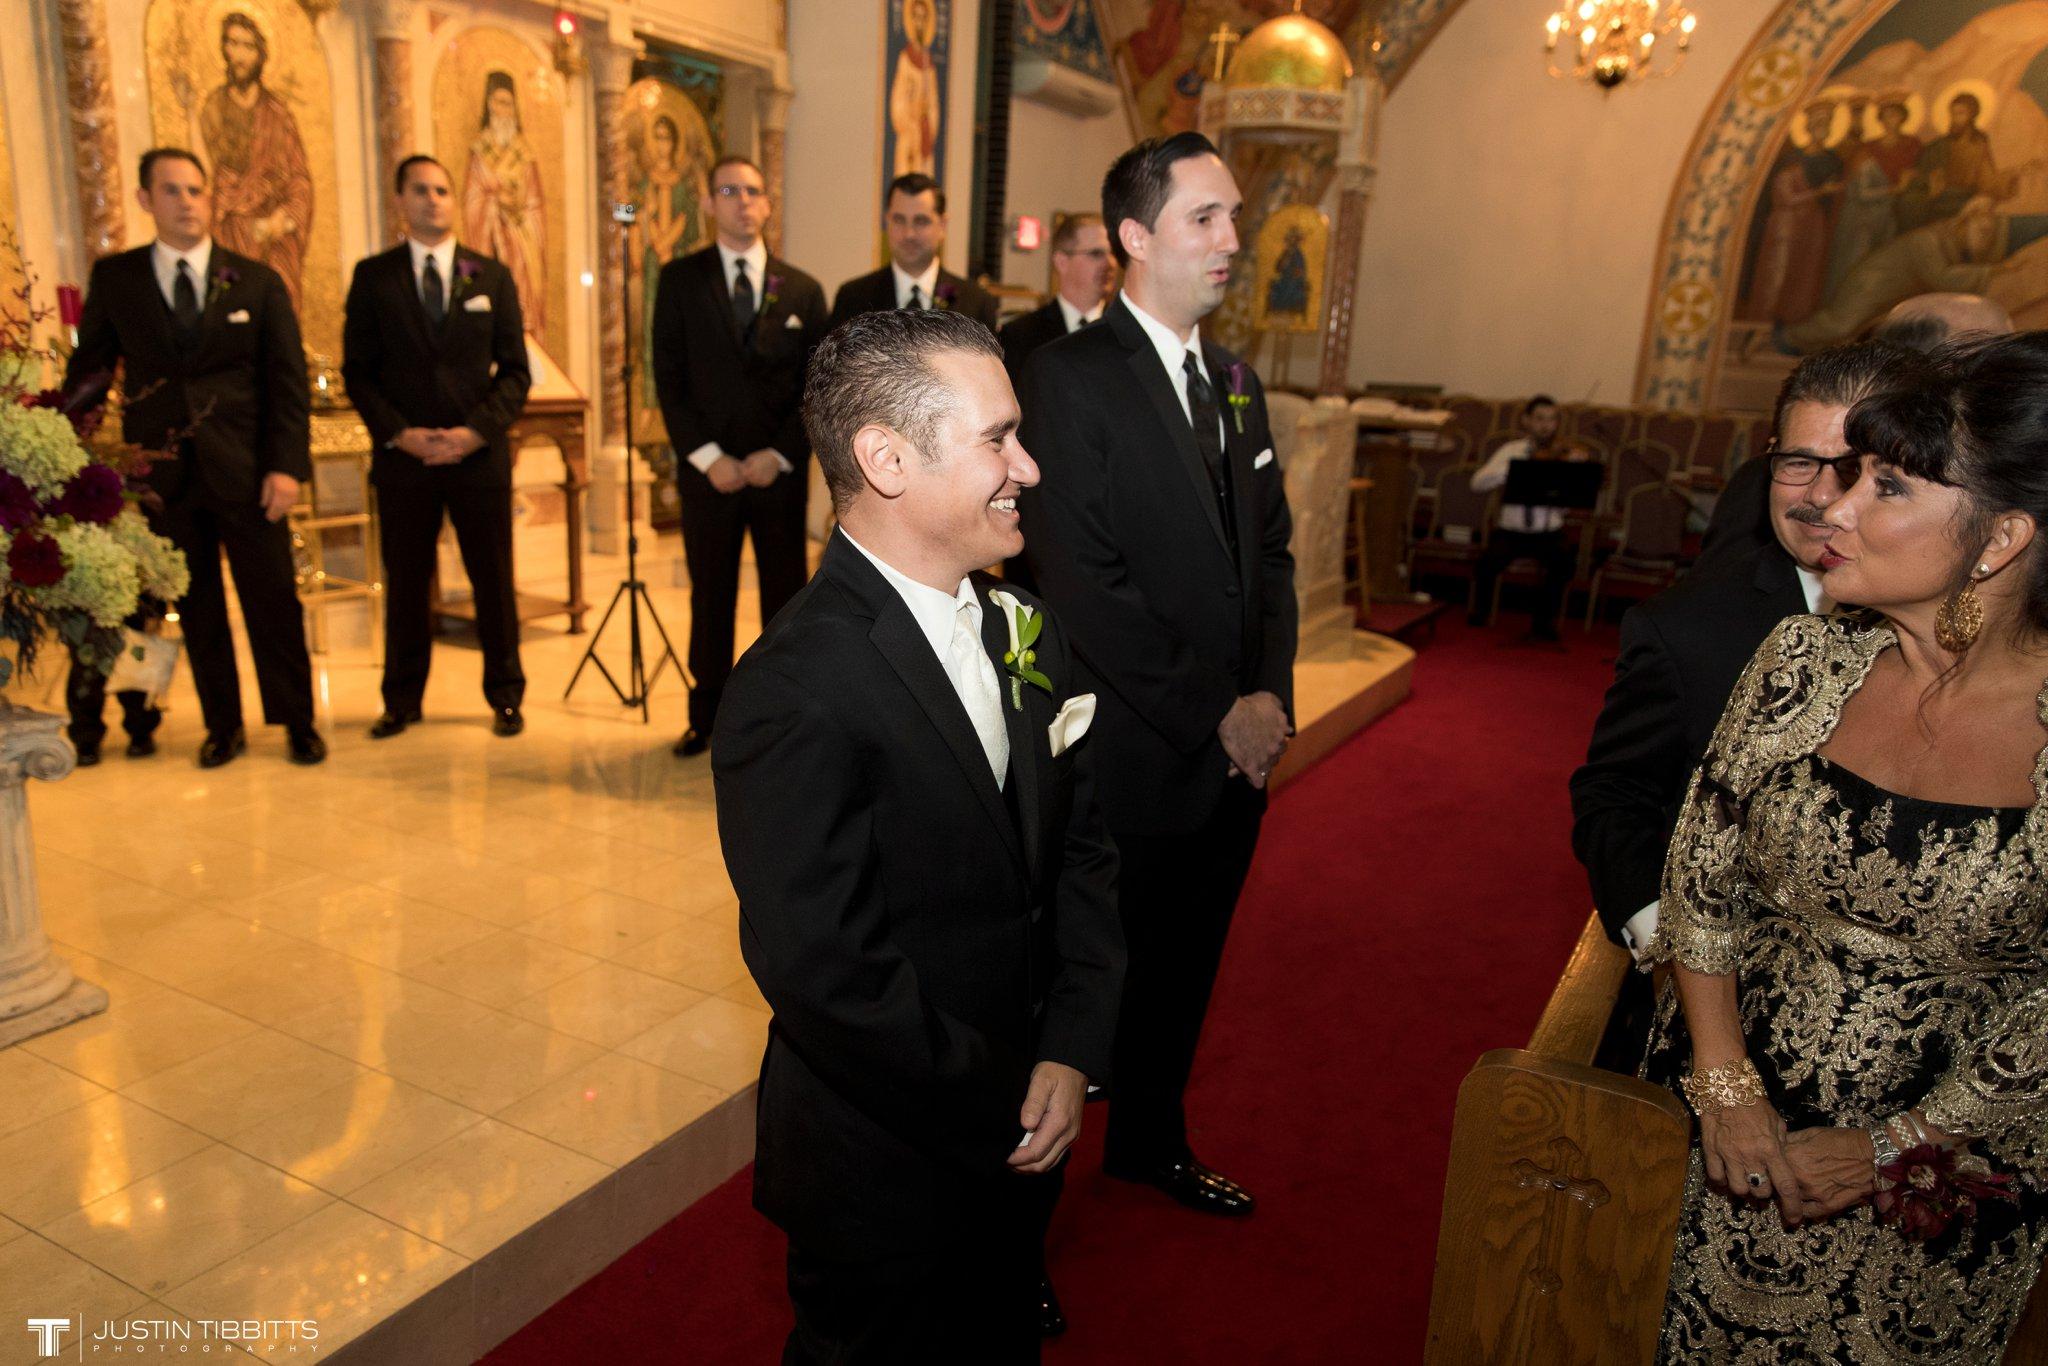 Hall of Springs Wedding Photos with Amanda and Jon-Michael_0046